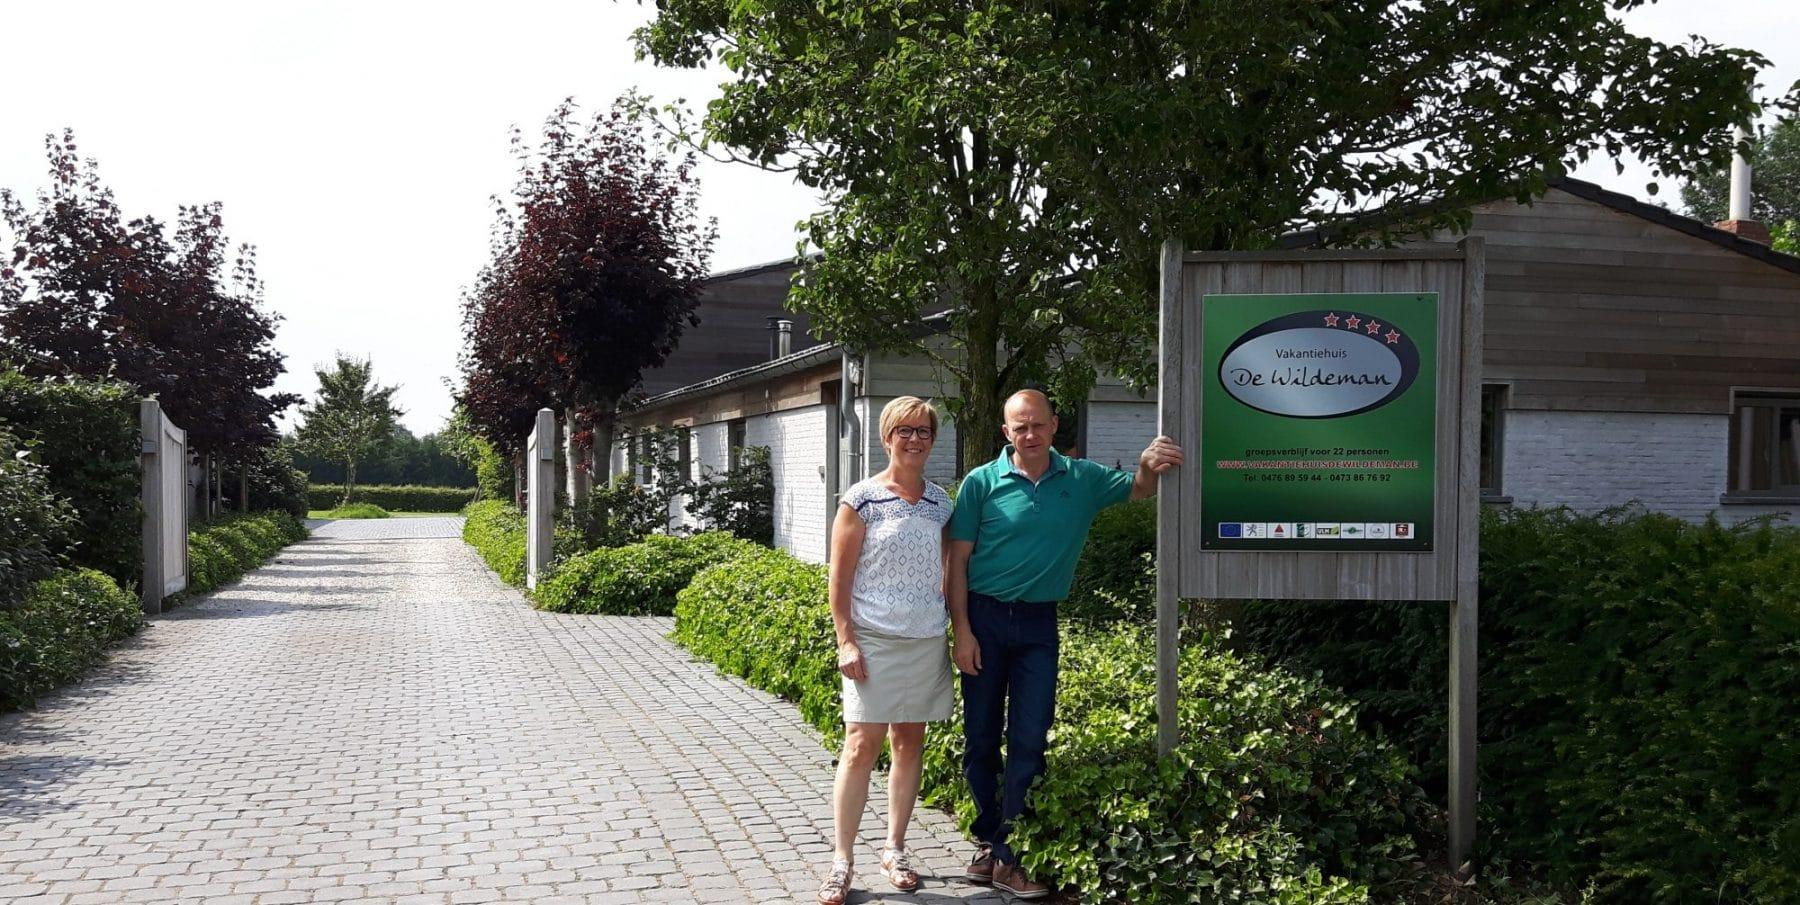 vakantiehuis De Wildeman